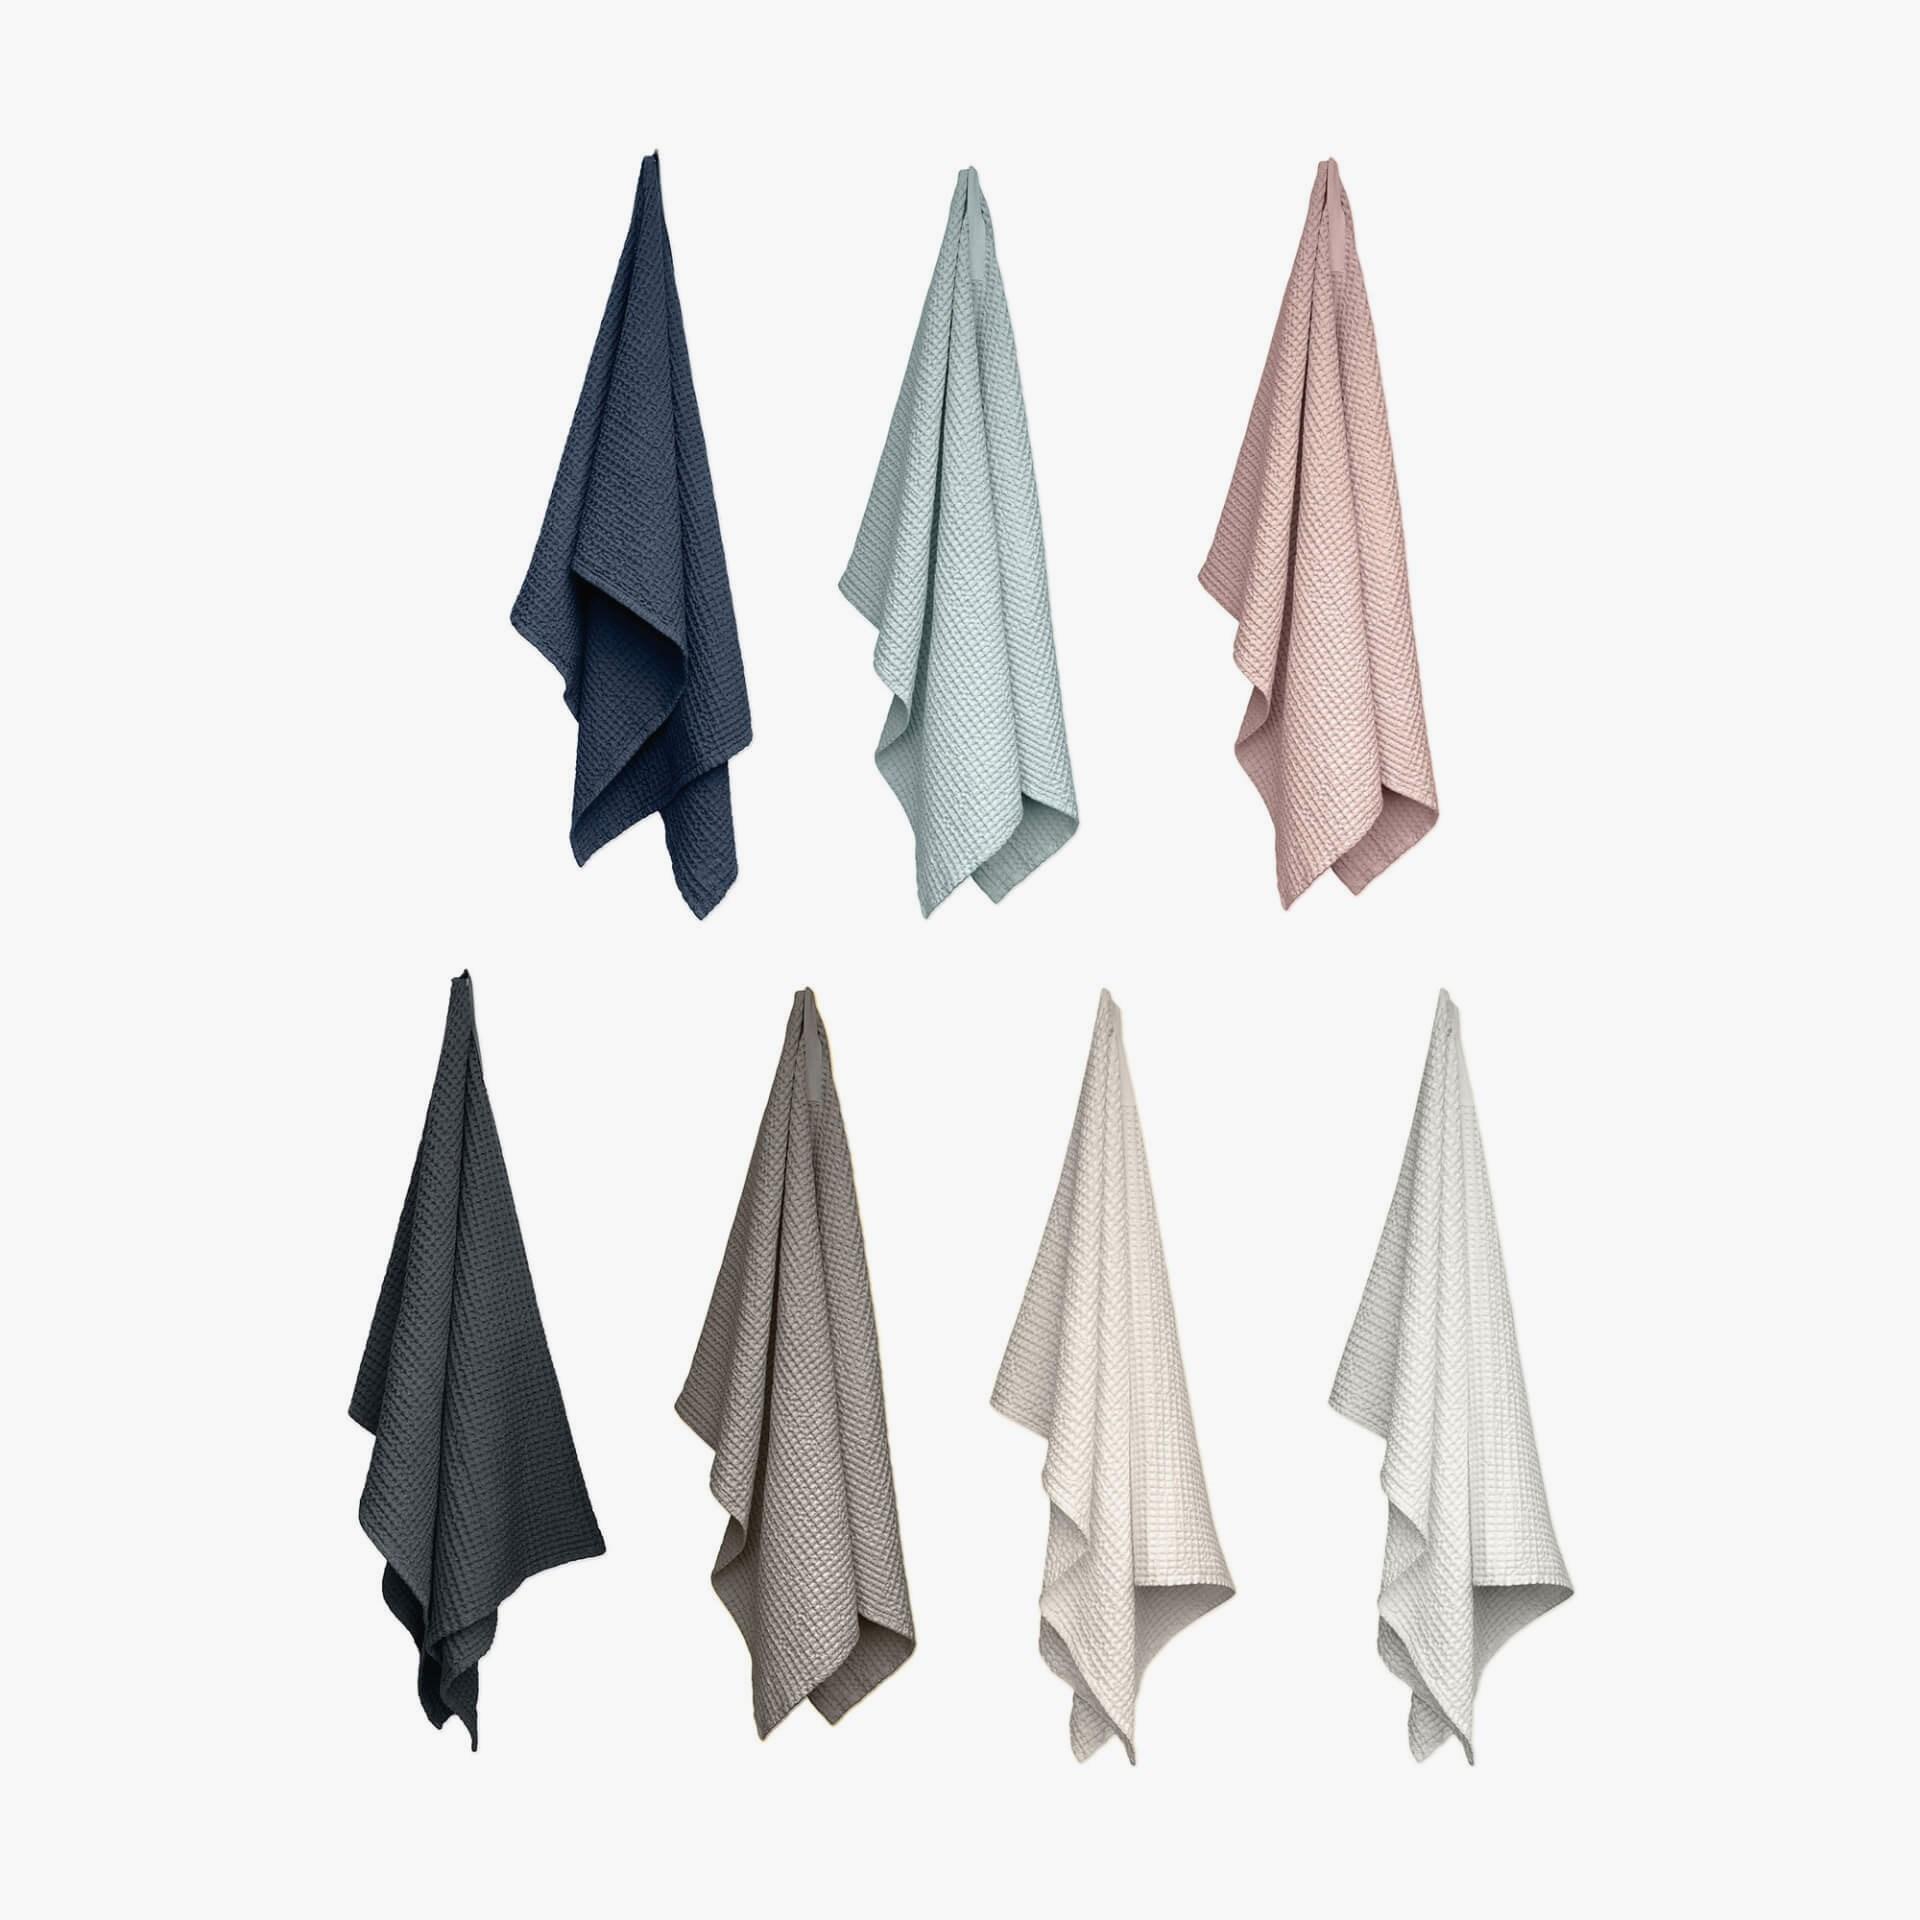 Produktbilde badehåndklær bomull. Big waffle towel and blanket fra The Organic Company. Alle farger presentert.